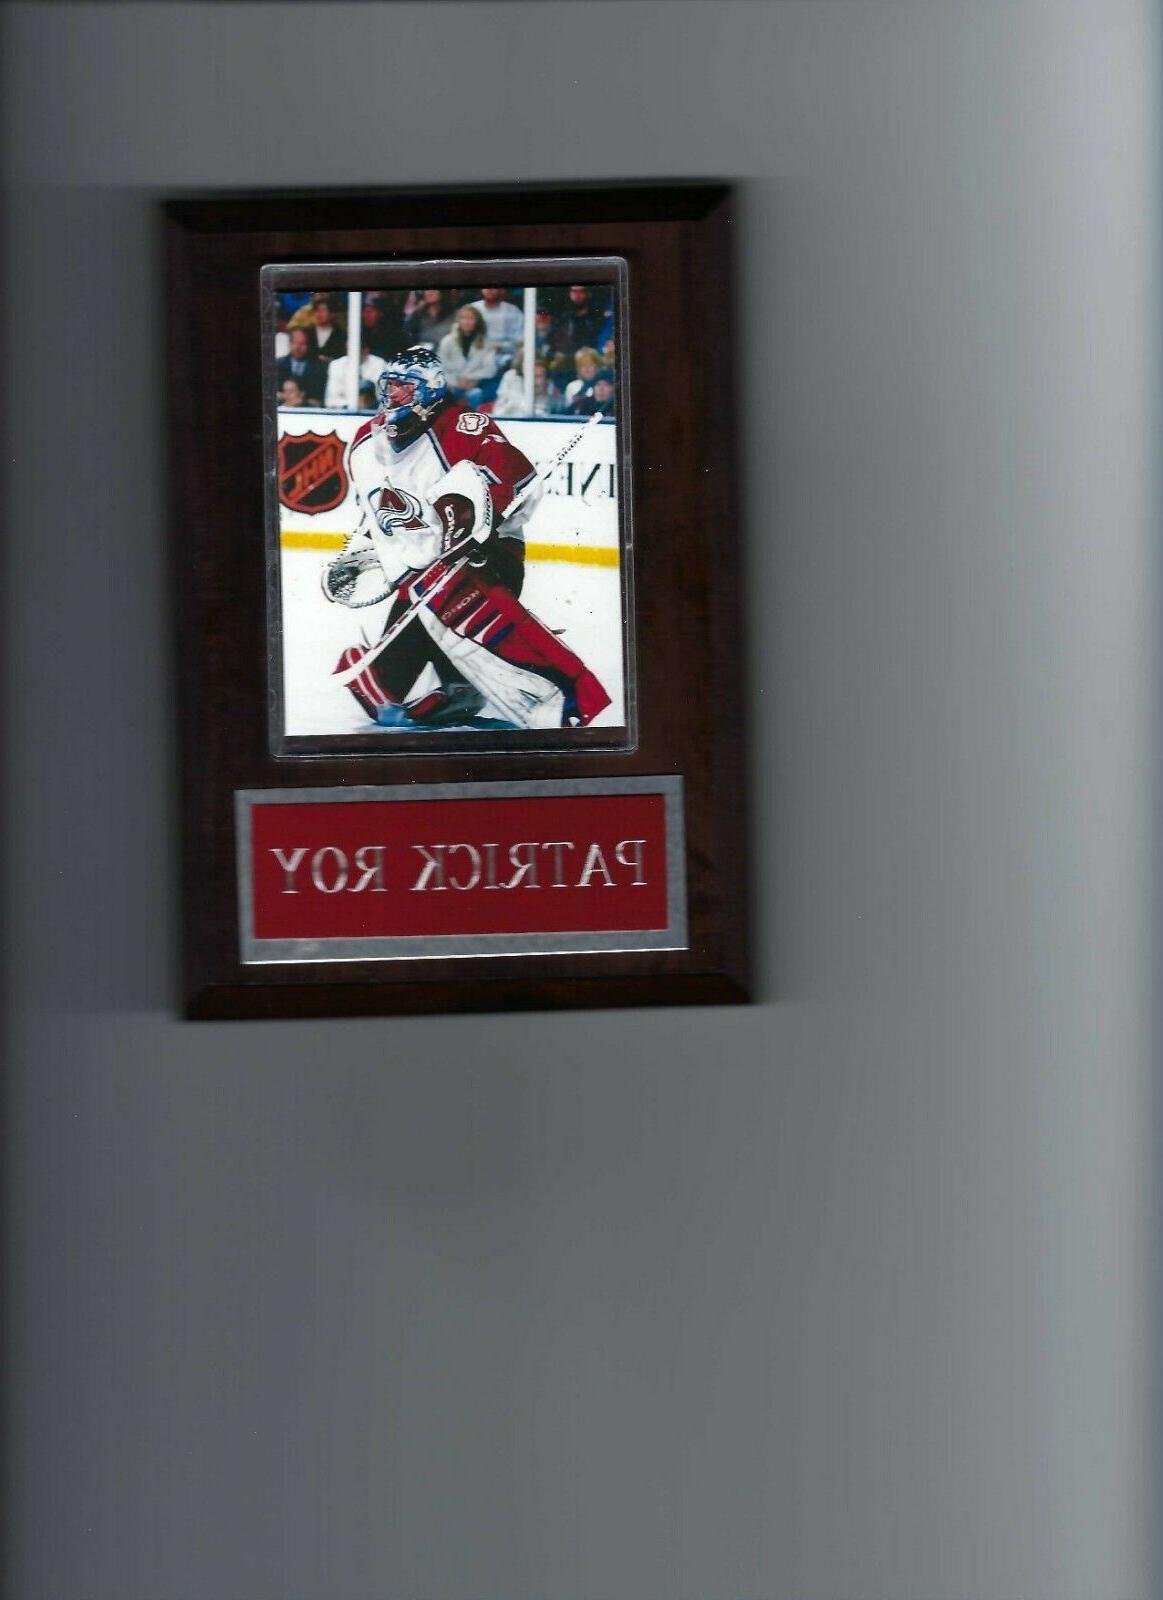 patrick roy plaque colorado avalanche hockey nhl